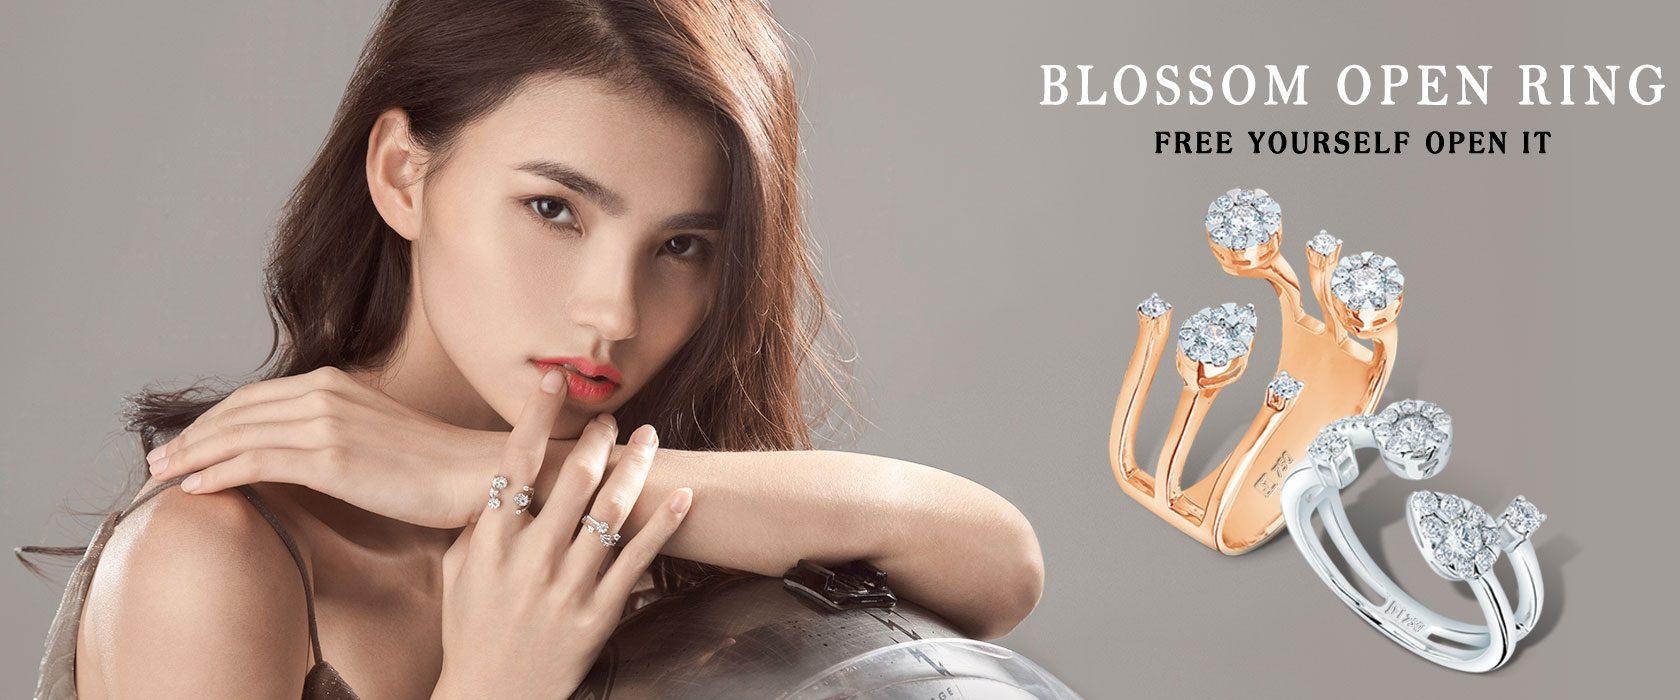 MSJ Blossom Open Ring